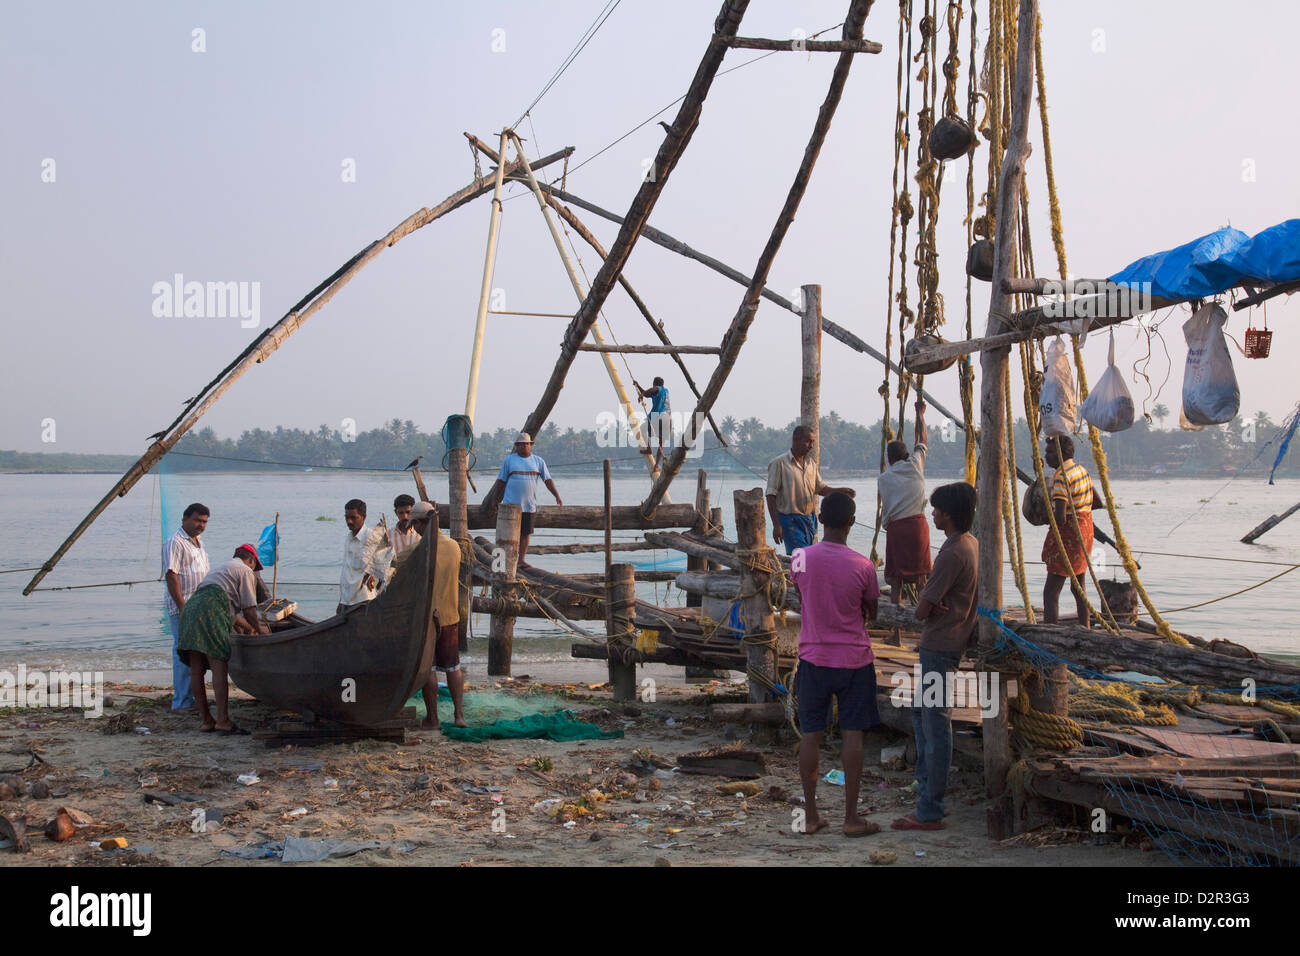 Les pêcheurs préparer bateau traditionnel et filet de pêche chinois en face de l'eau à Kochi Photo Stock